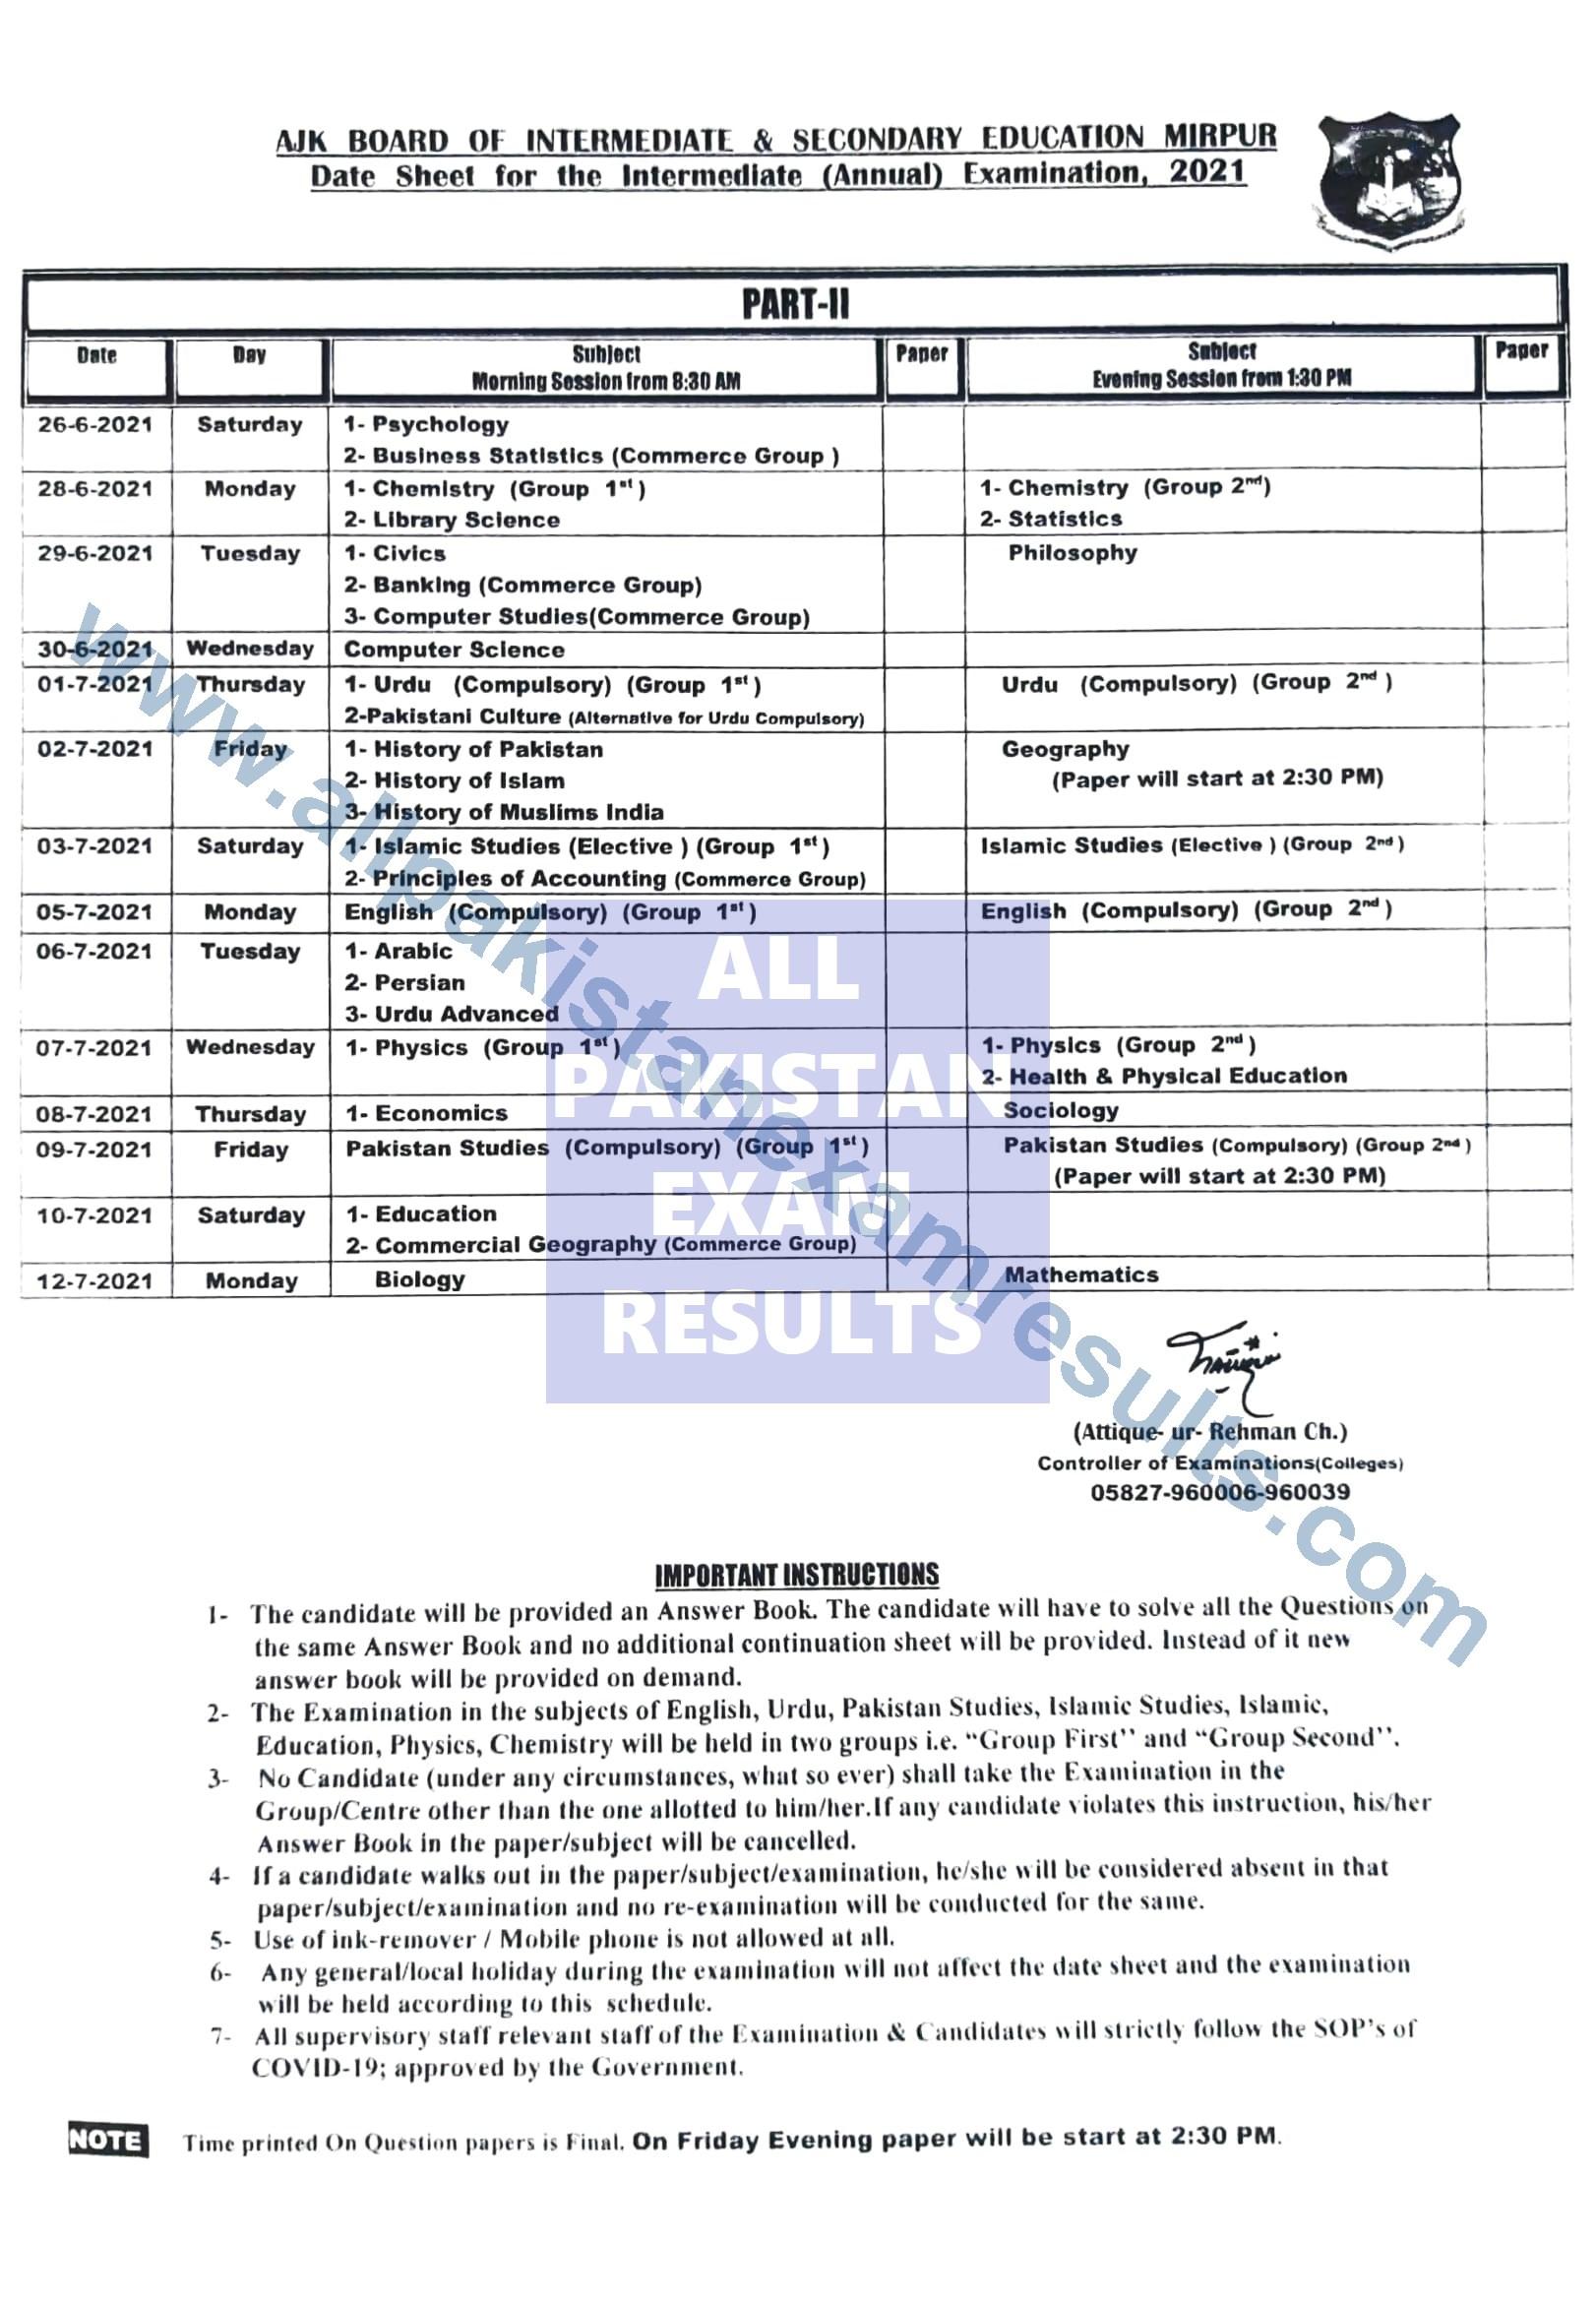 BISE AJK Date Sheet HSSC 2021 Annual Exam